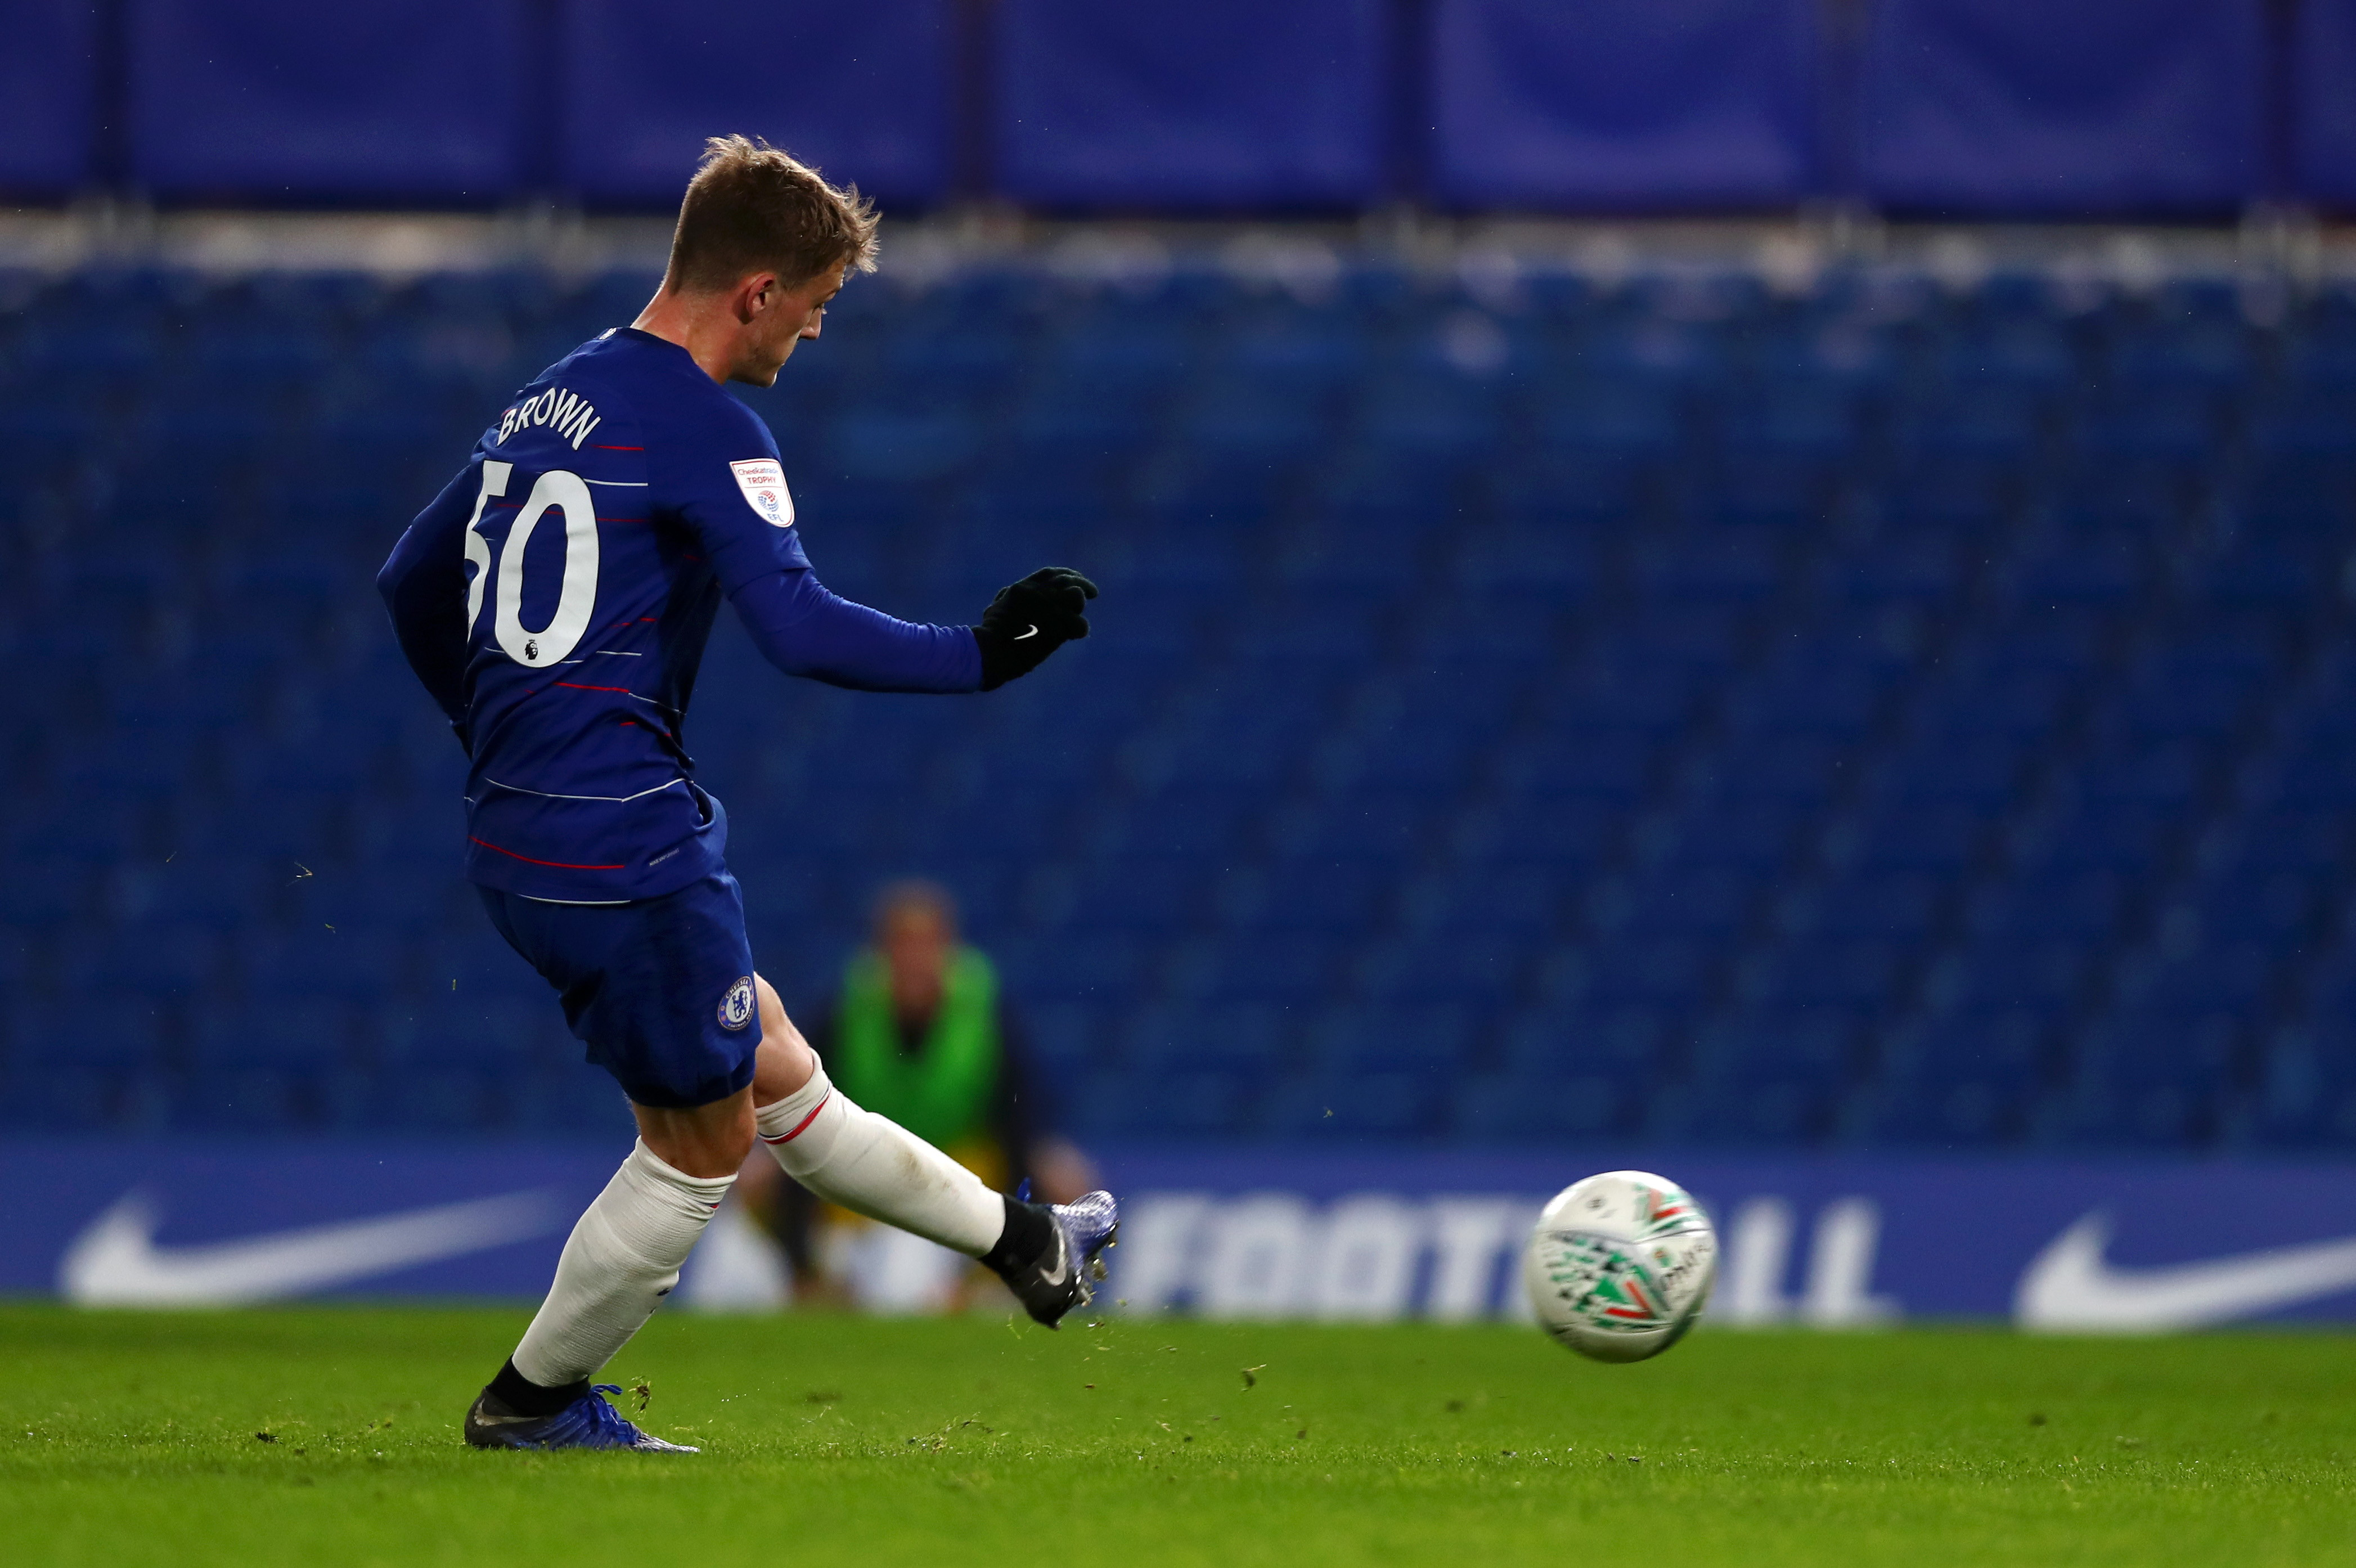 Charlie Brown (Chelsea): 12 gol la scorsa stagione in Youth League, Lampard lo sta premiando quest'anno in prima squadra